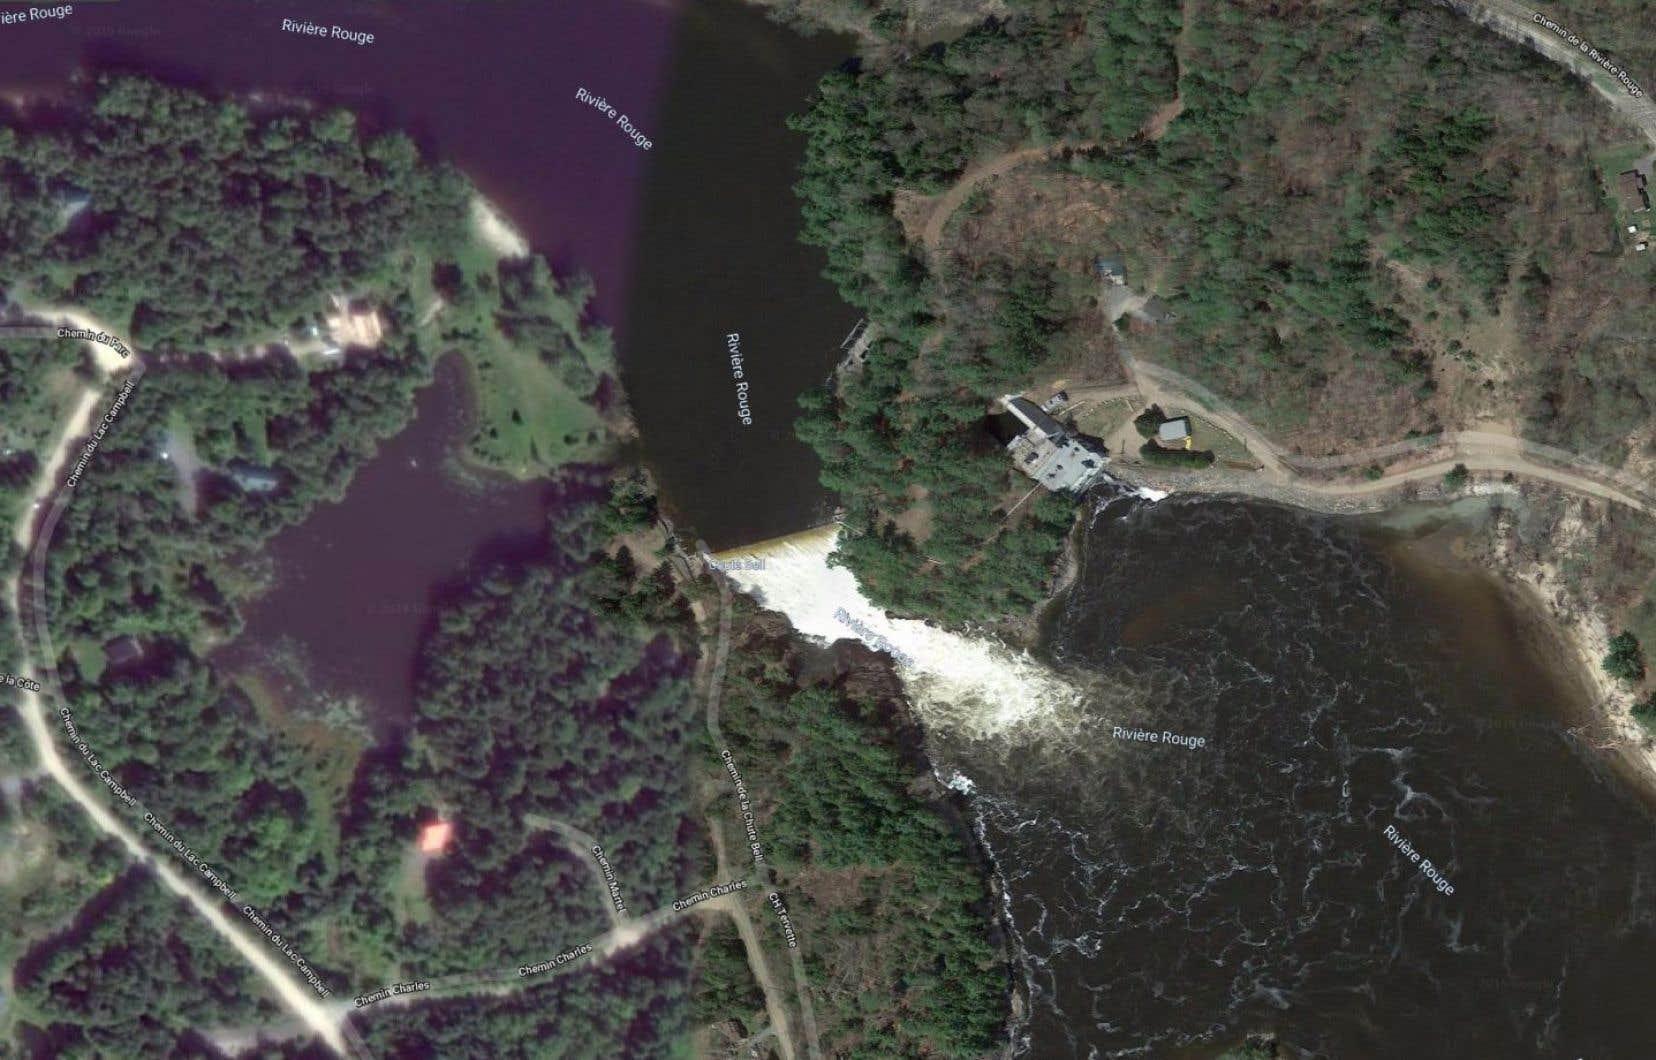 <p>La semaine dernière, les autorités de sécurité publique avaient demandé àtous les citoyens domiciliés en aval du barrage de la Chute-Bell d'évacuer sans délai.</p>